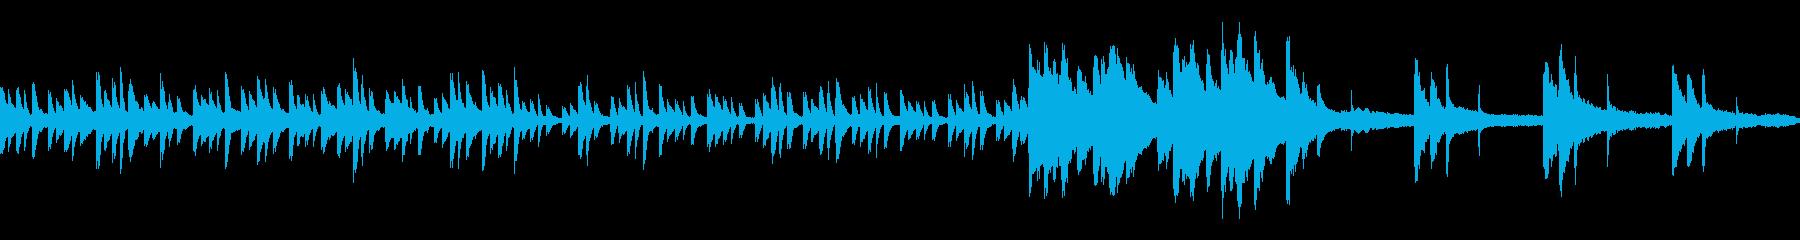 神秘的・癒やし系生ピアノ演奏 ループ素材の再生済みの波形